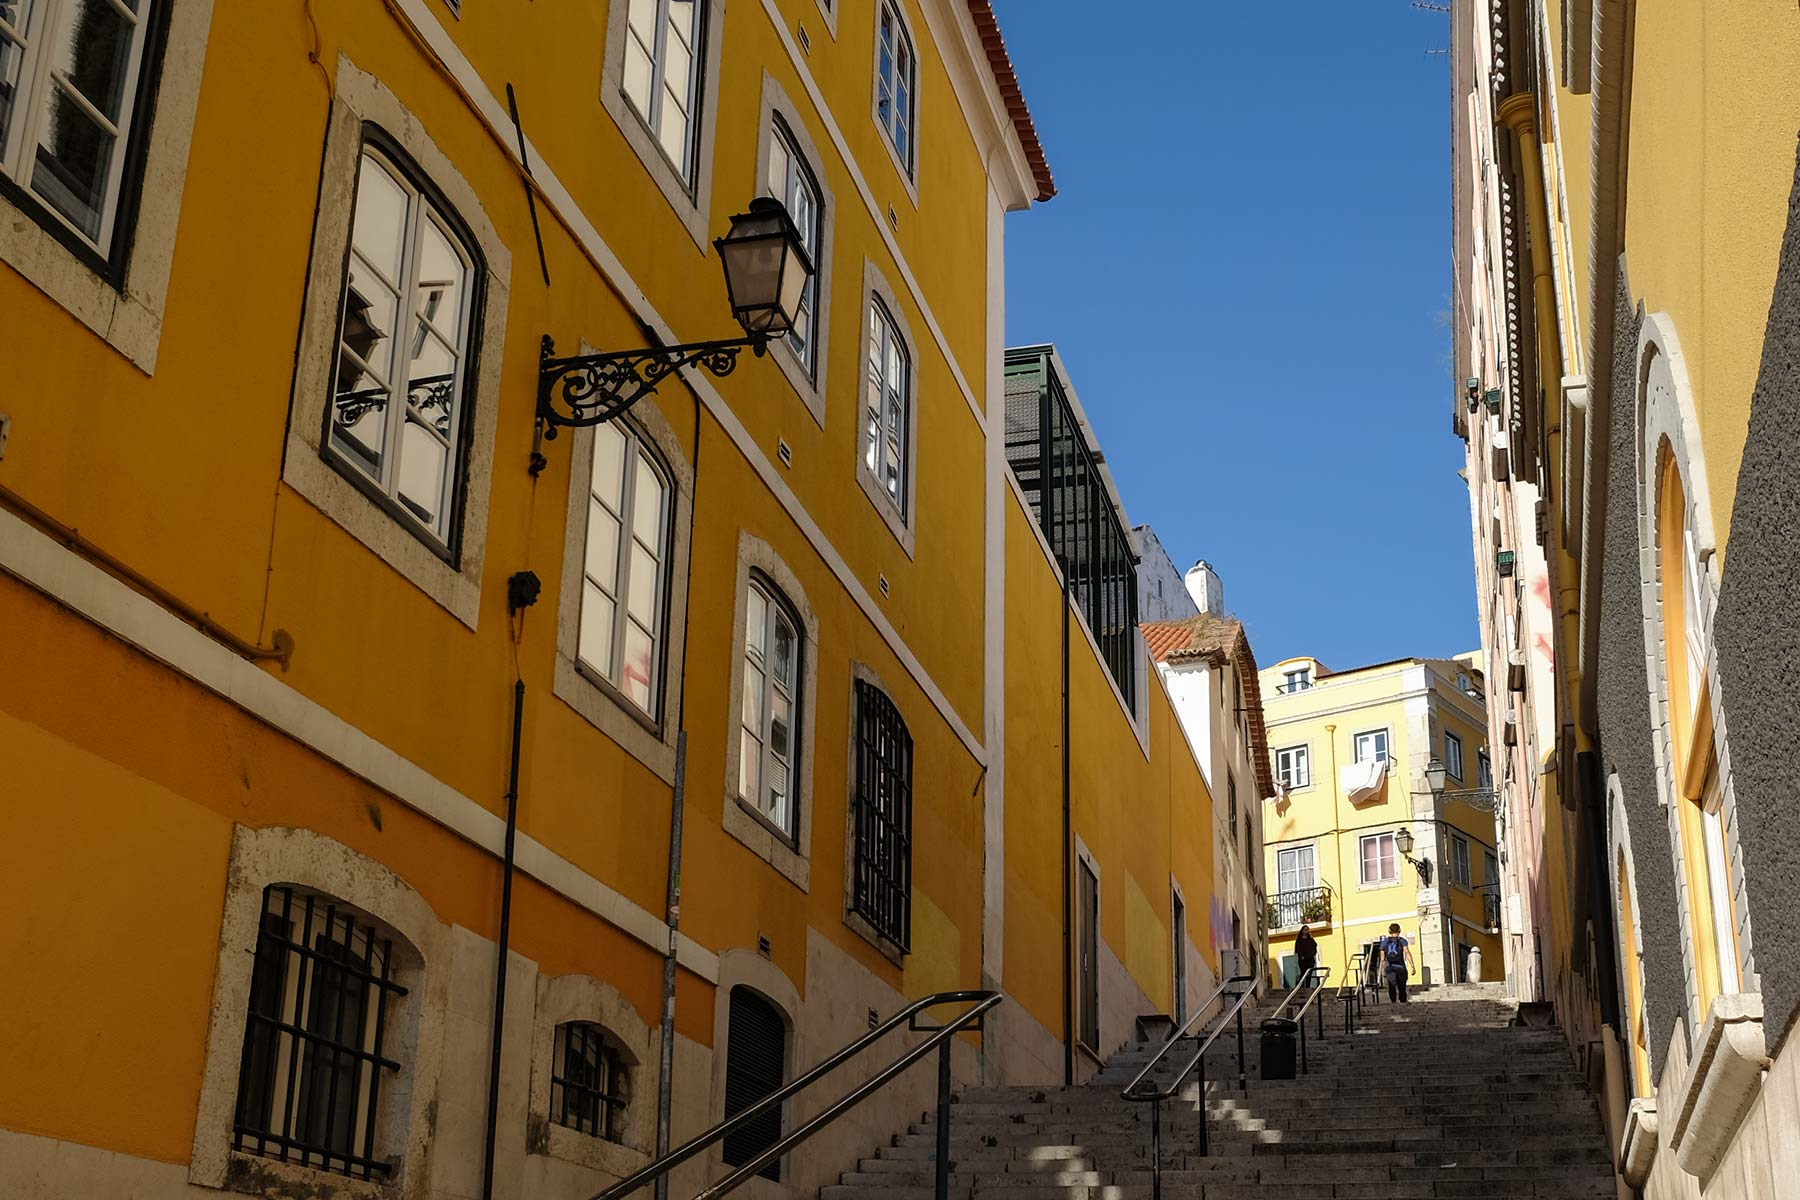 Straßen in Lissabon, Portugal